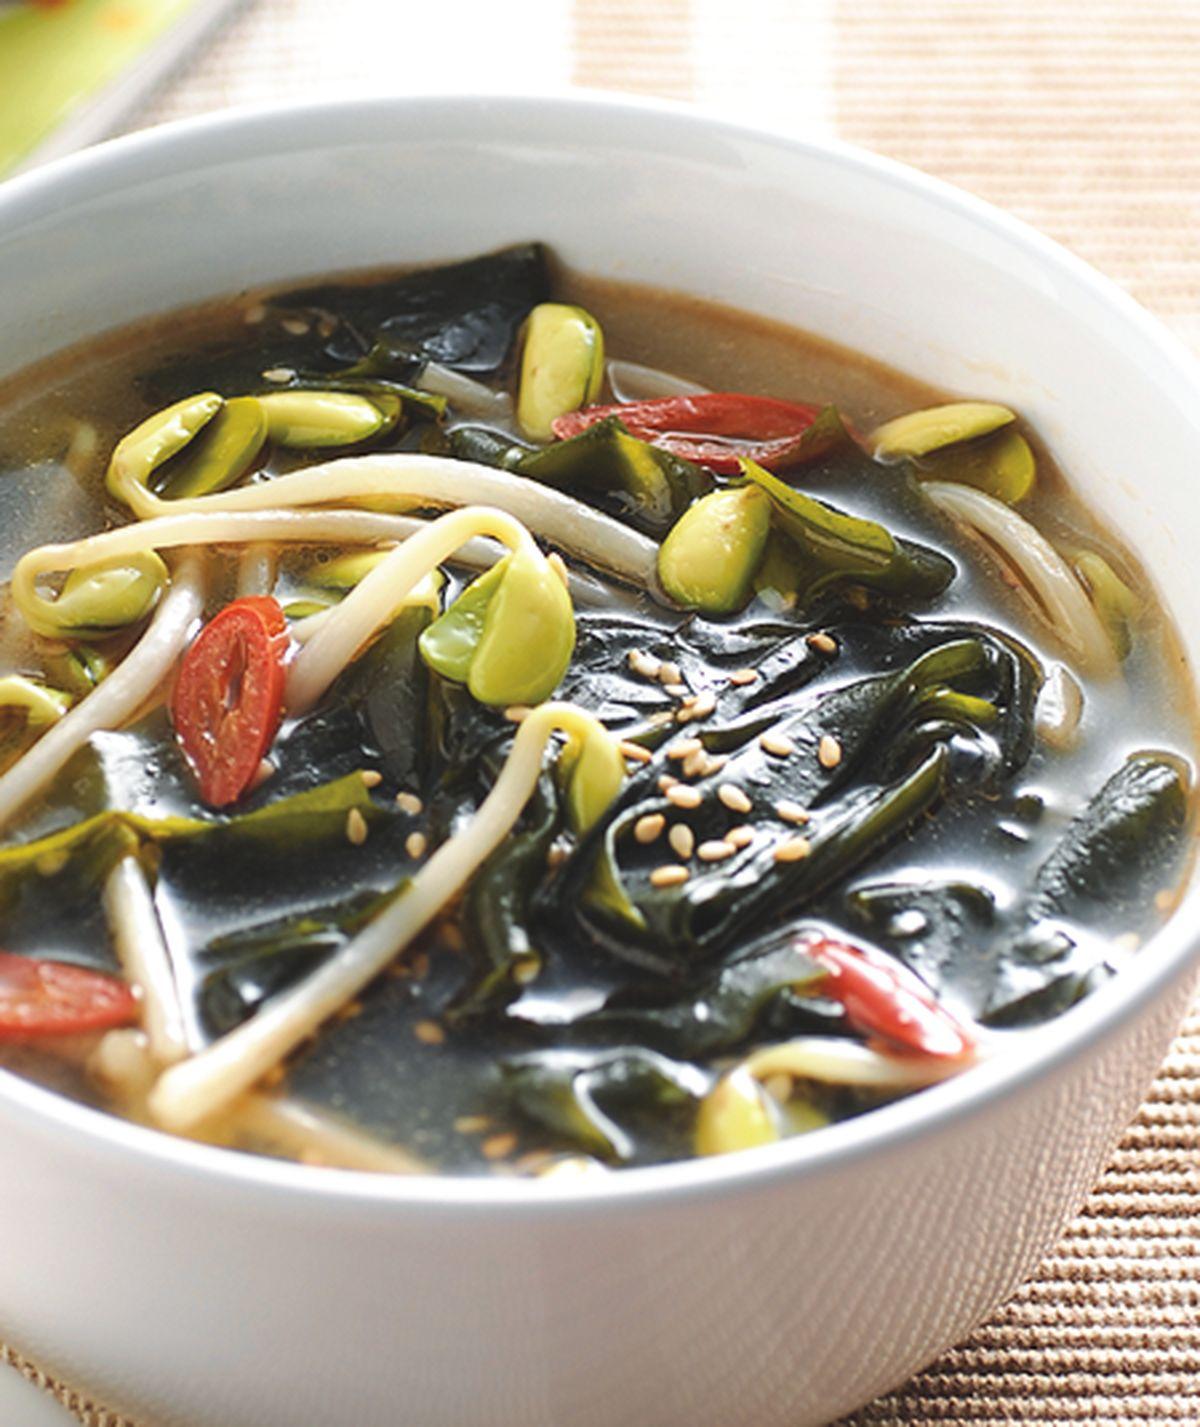 「黃豆芽湯 太平洋」的圖片搜尋結果